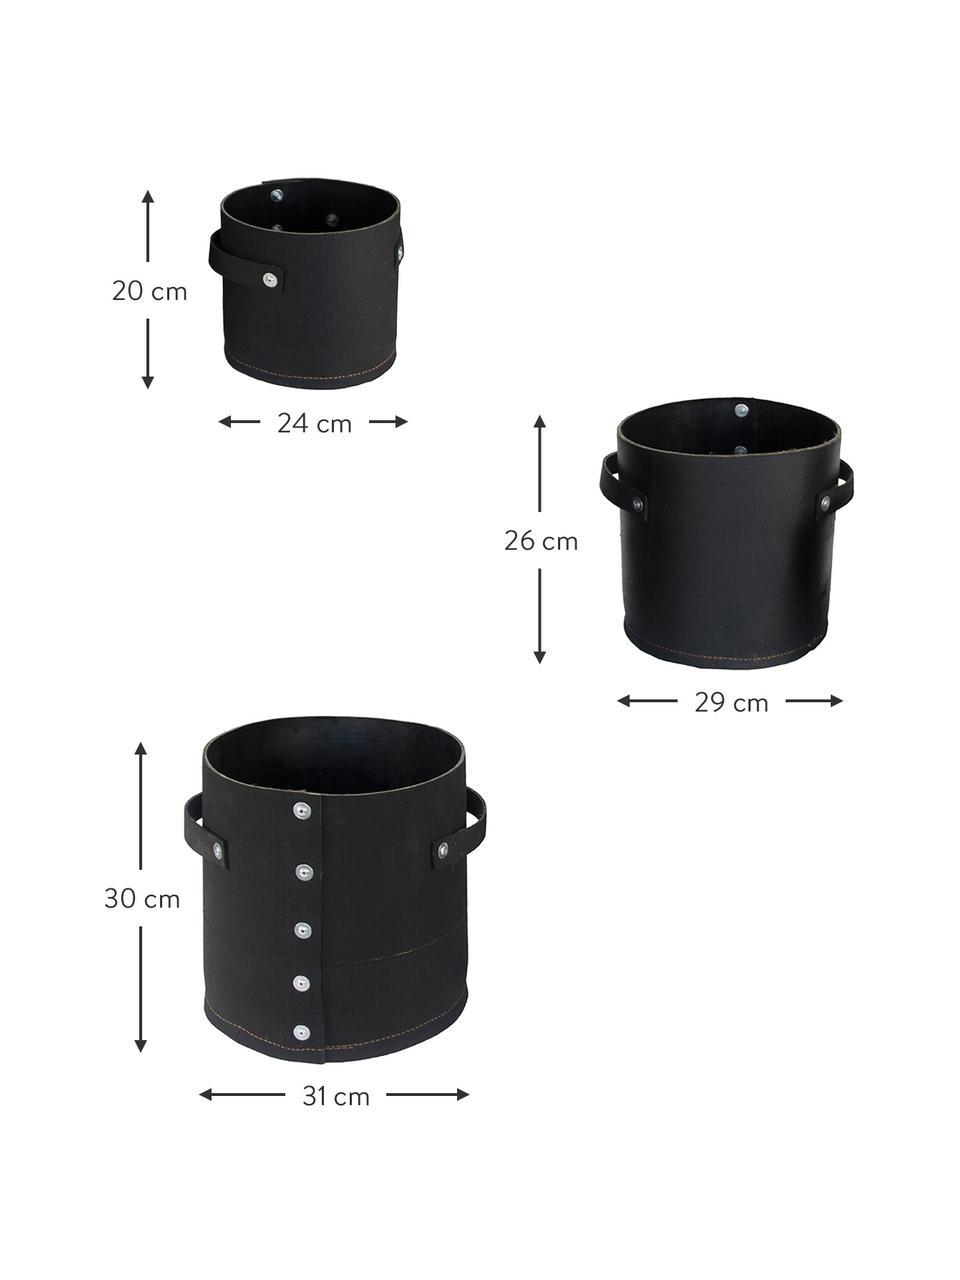 Großes Handgefertigtes Übertopf-Set Reuse, 3-tlg., Gummi, recycelt, Schwarz, Set mit verschiedenen Größen